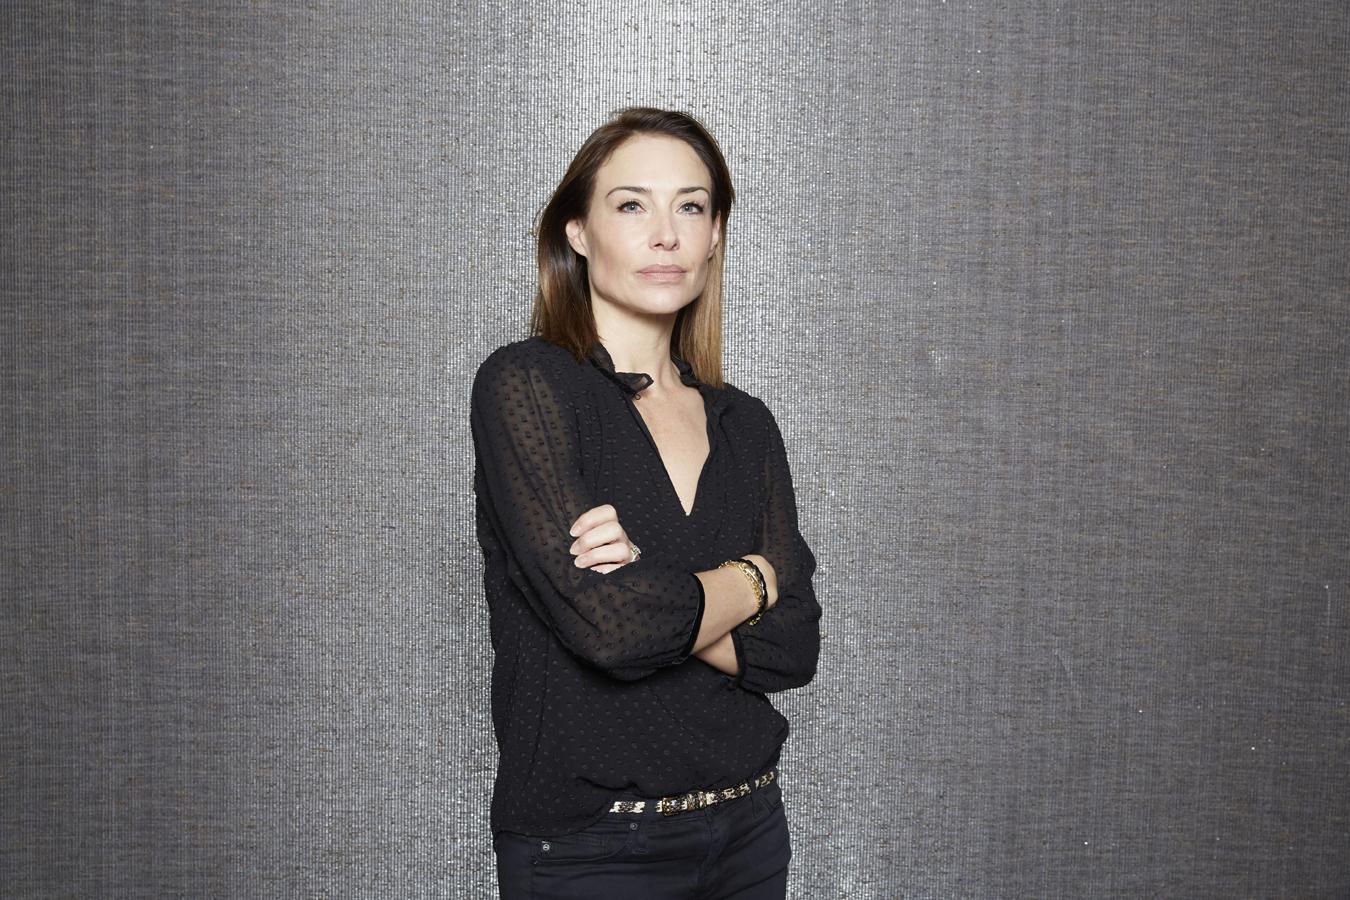 Claire Portman - Claire Forlani